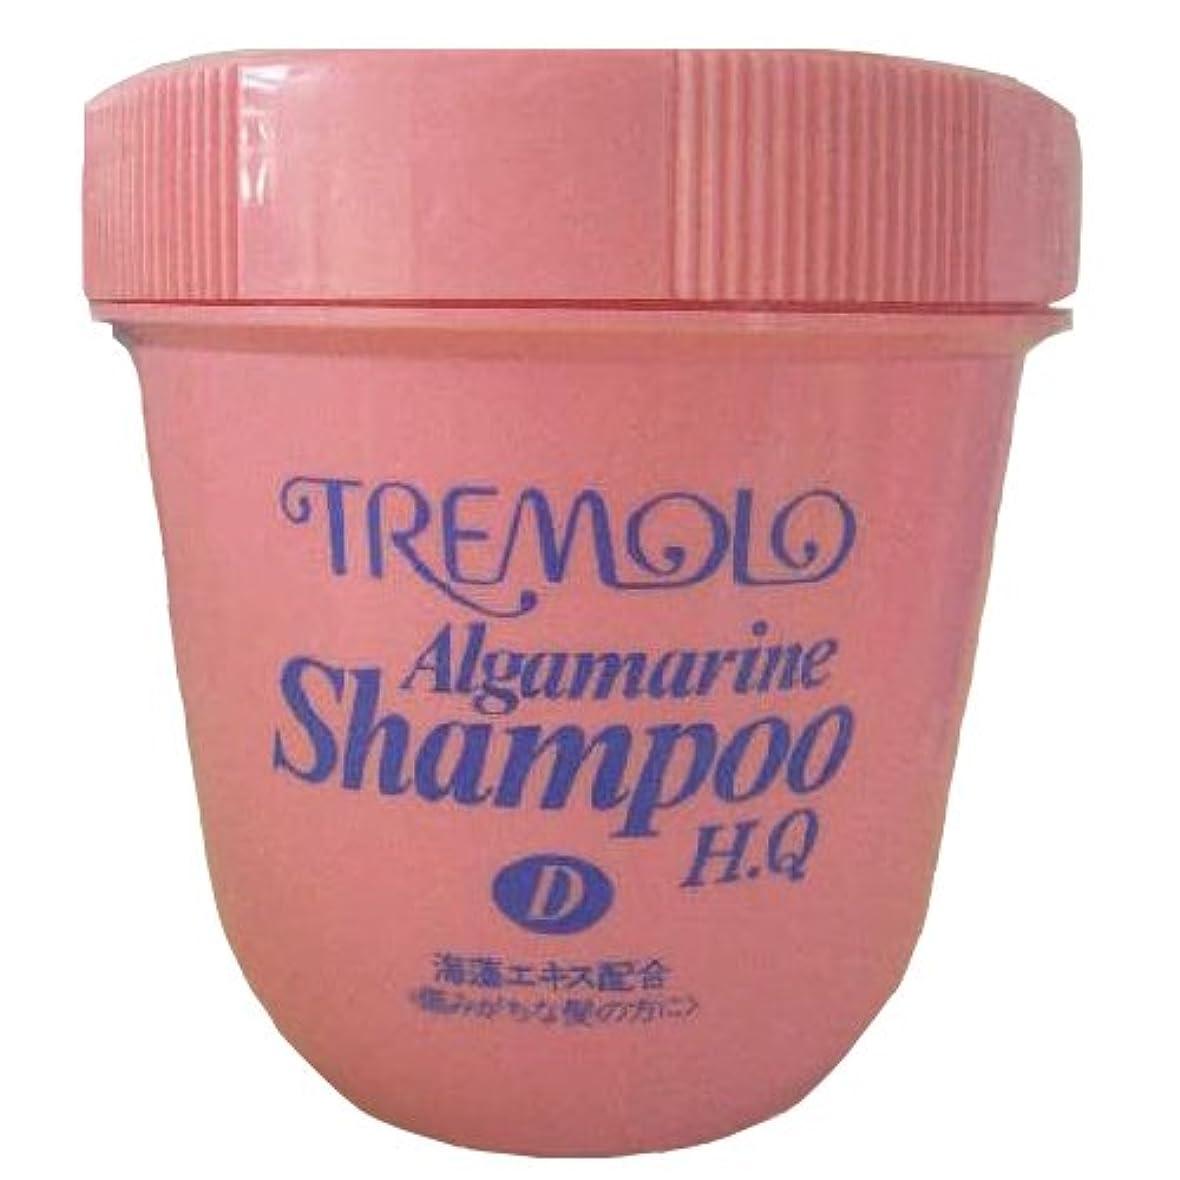 グロー絶対に確保するトレモロアルグマリーン(シャンプー) 1kg